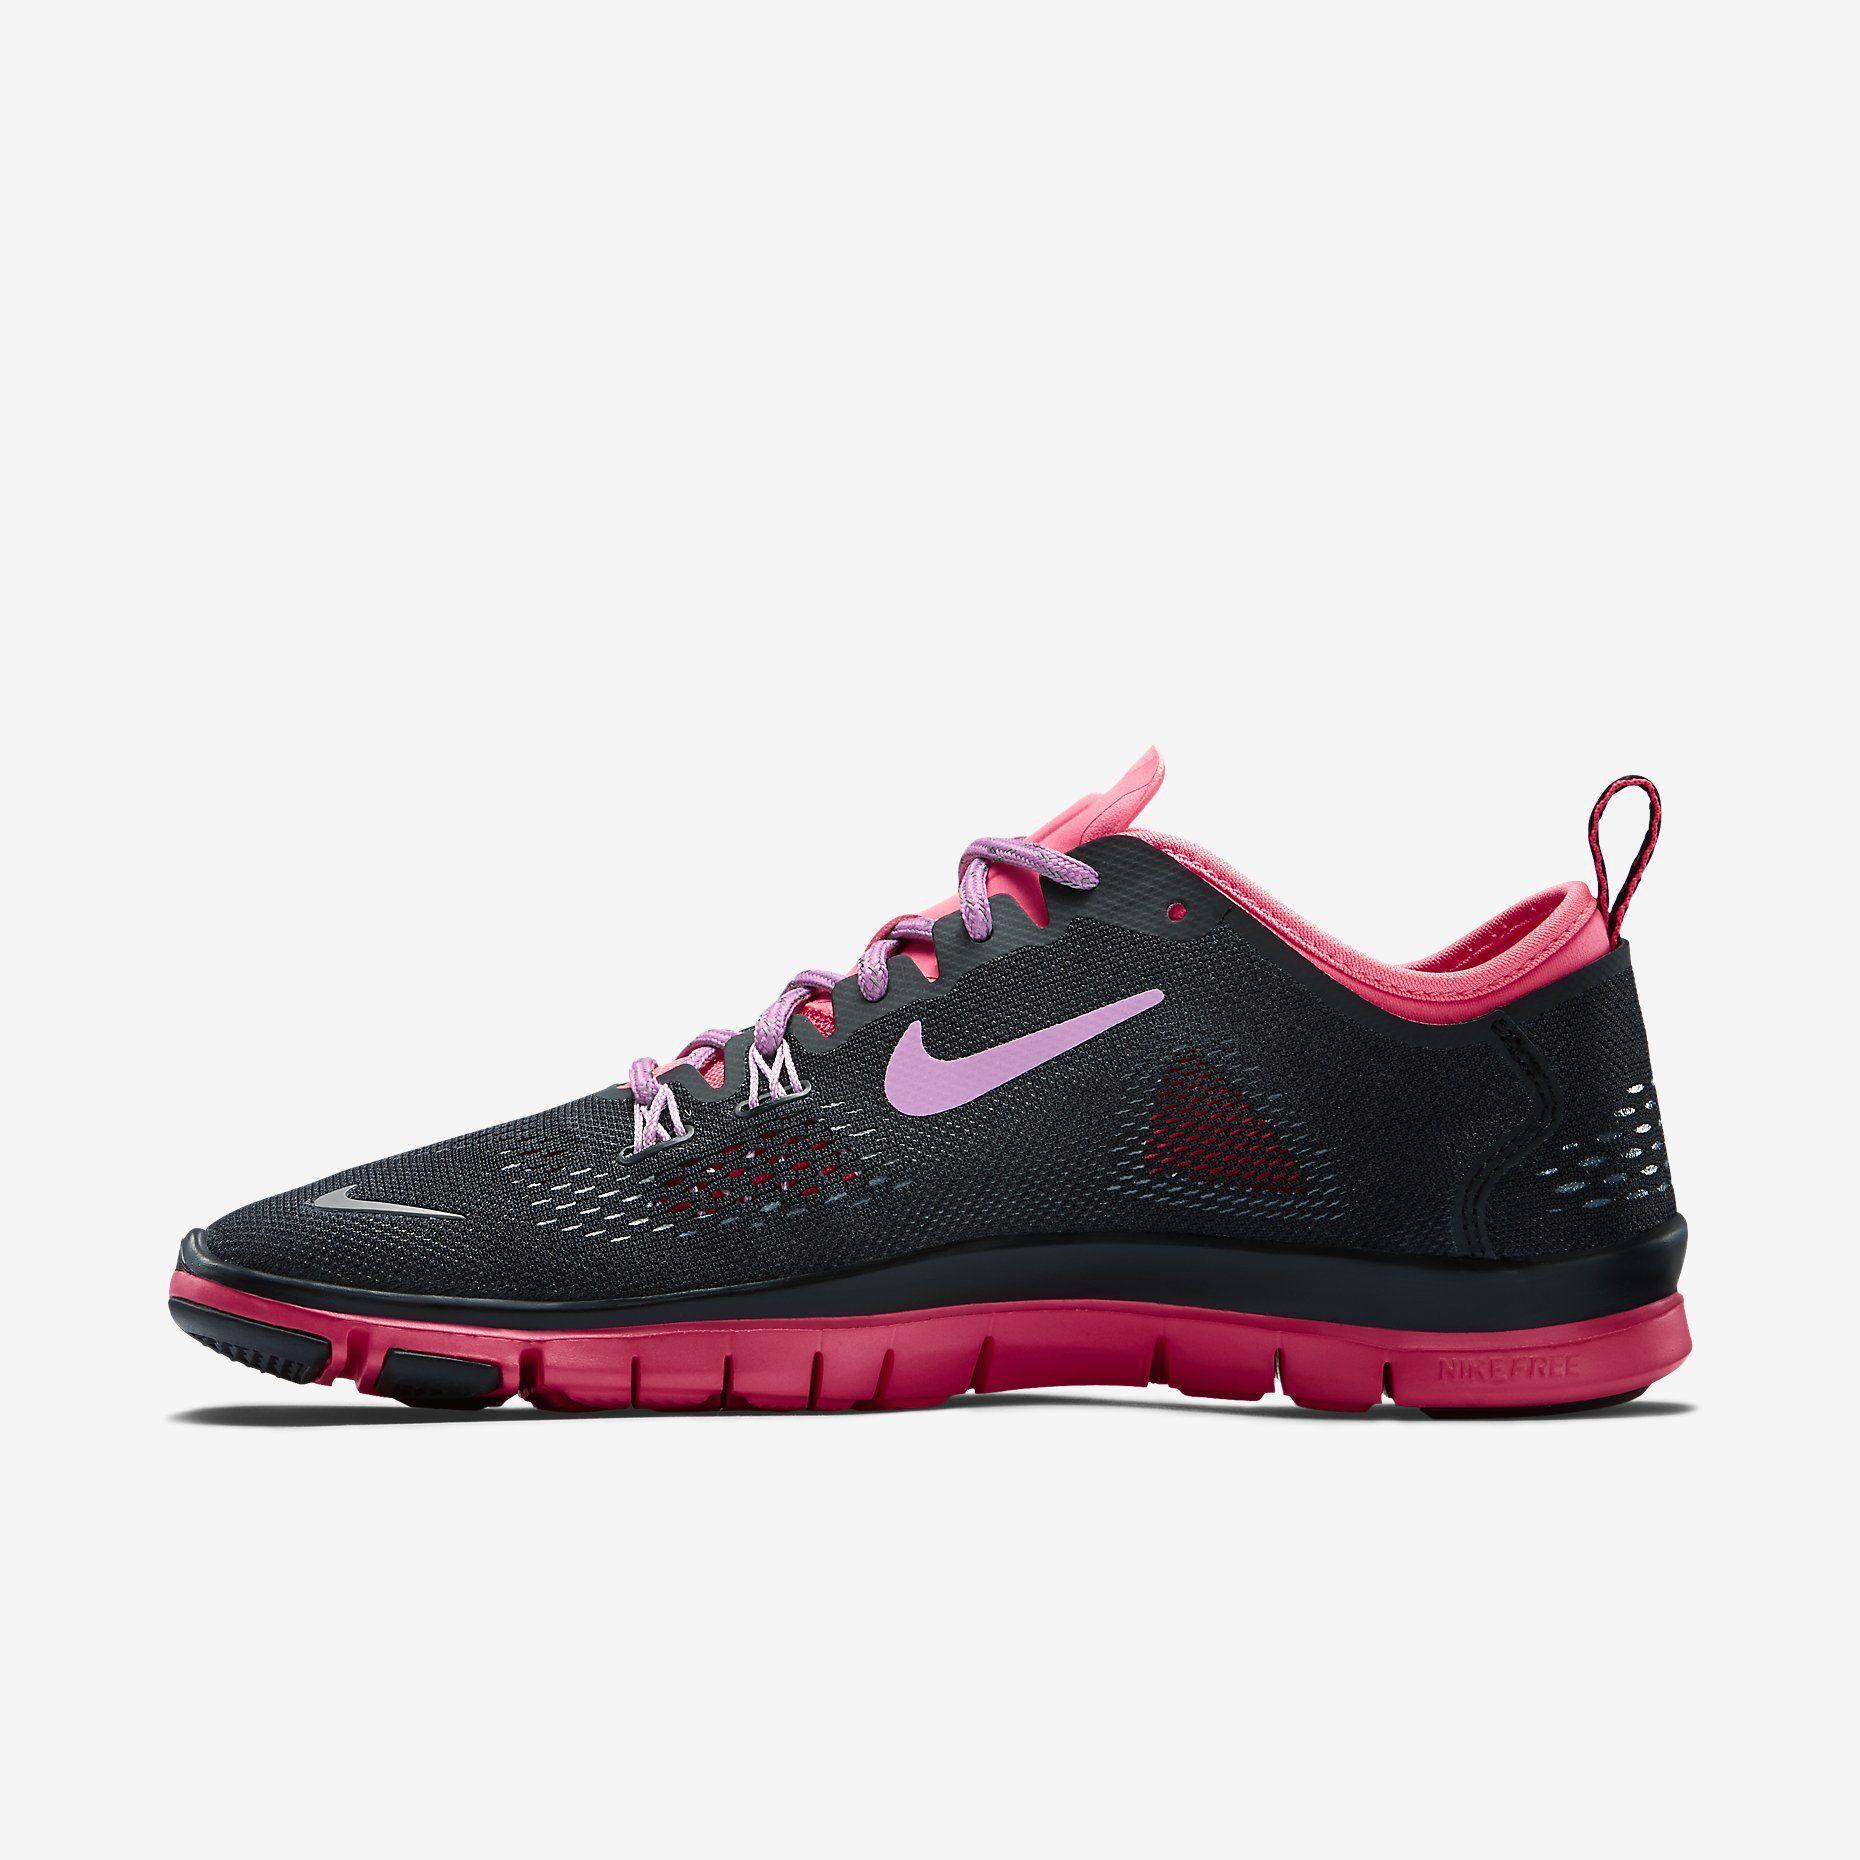 f7de1c65aa3d Nike Free TR 4 Women s Training Shoe. Nike Store